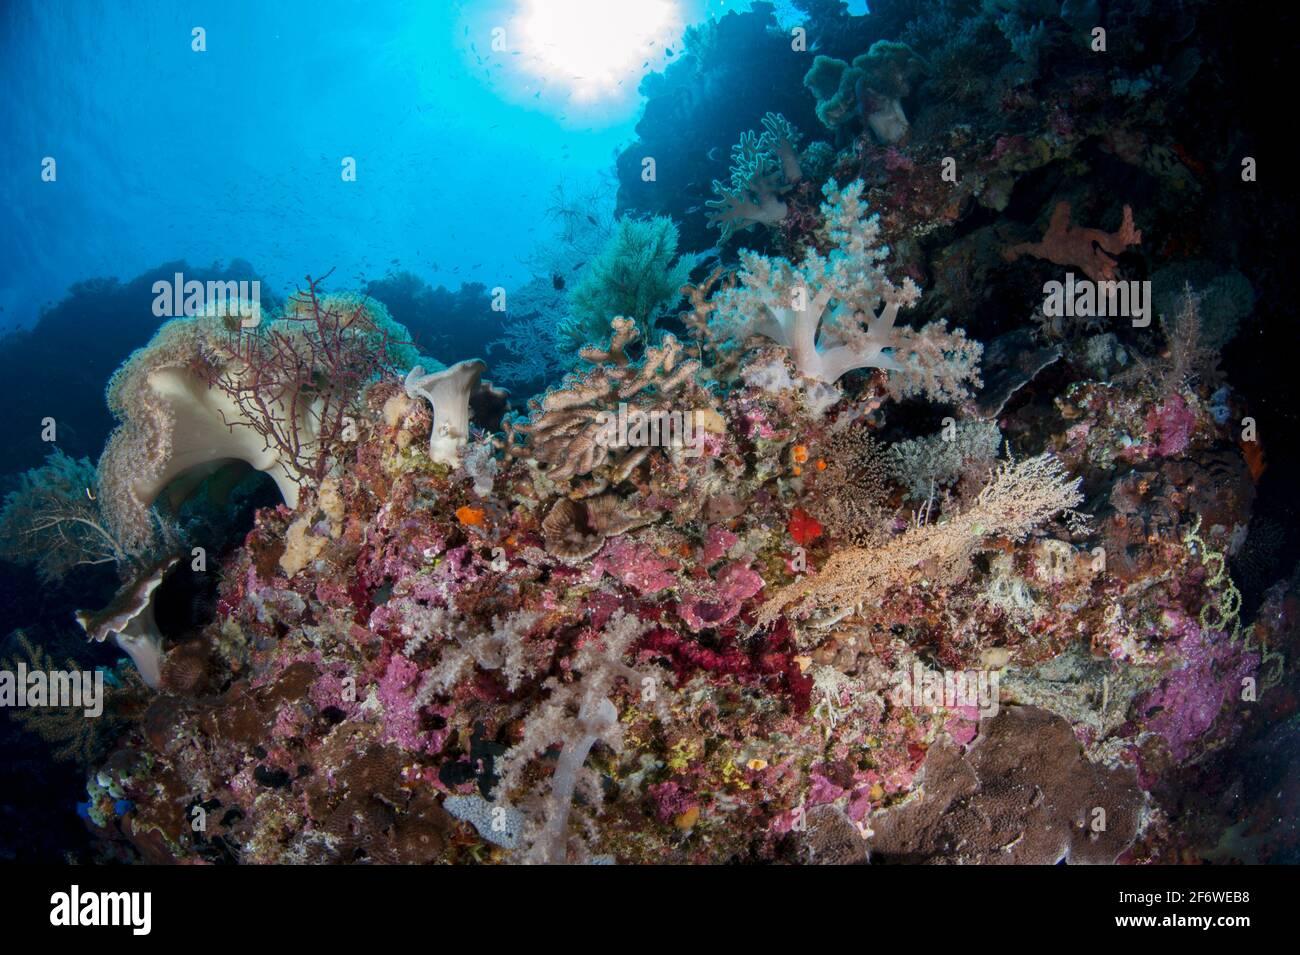 Corales (clase Anthozoa) con sol en el fondo, sitio de buceo de la pared de la baliza, isla Nyata, cerca de Alor, Indonesia. Foto de stock